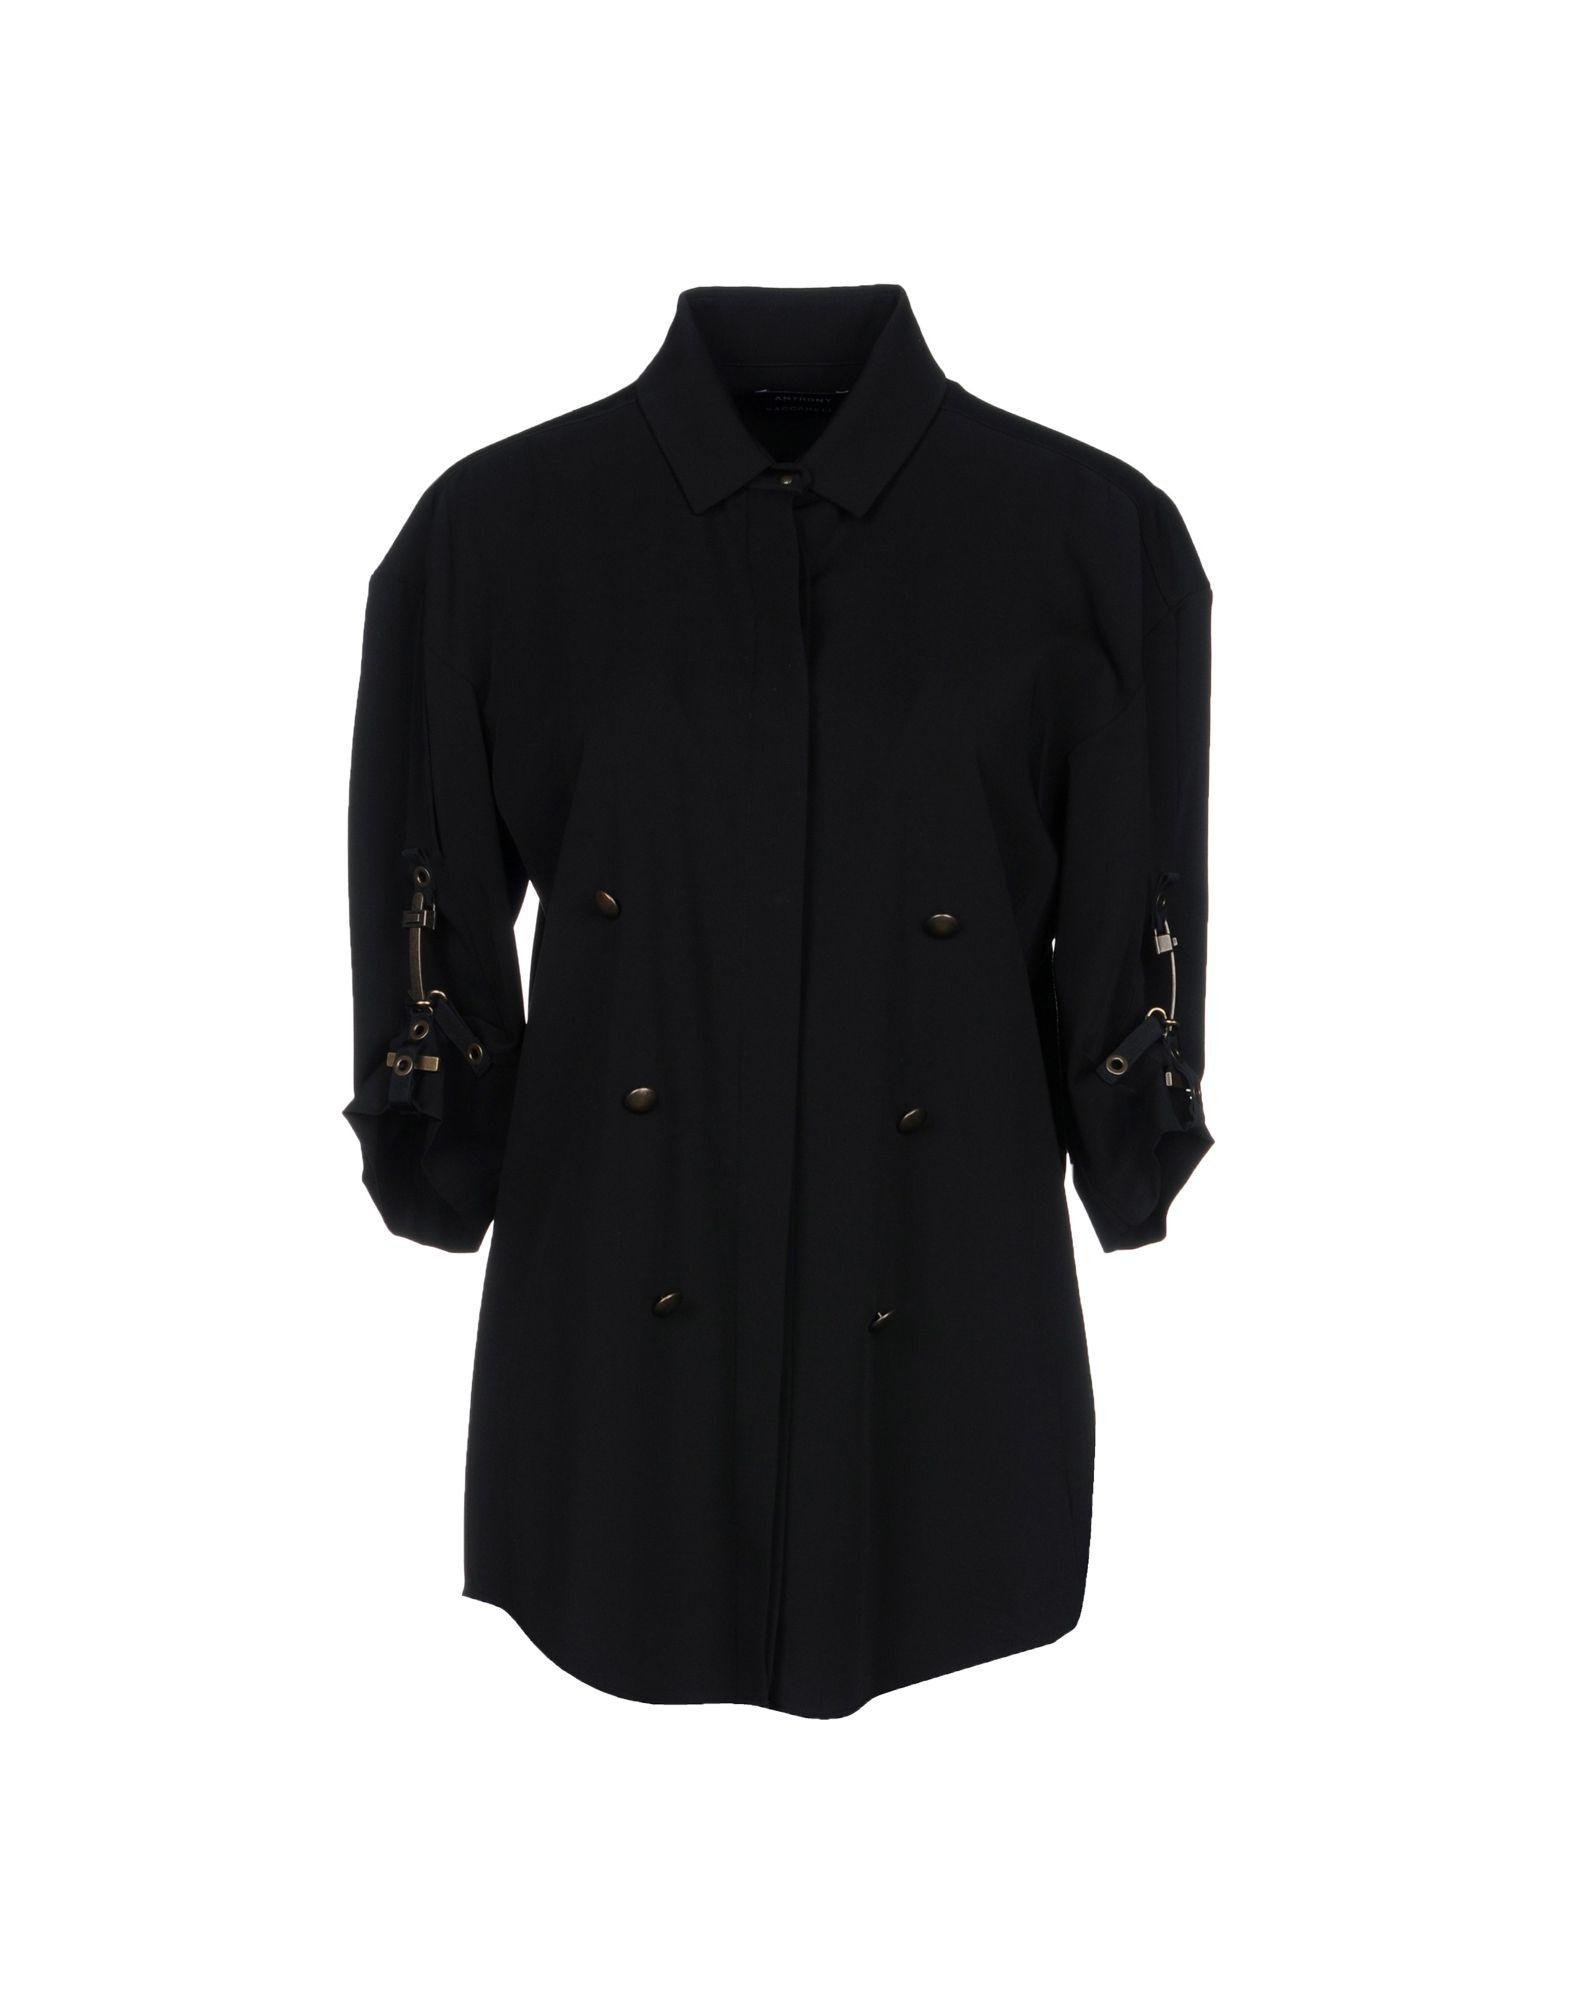 Camicie E Bluse Tinta Unita Anthony Vaccarello Donna - Acquista online su HeSrL9c